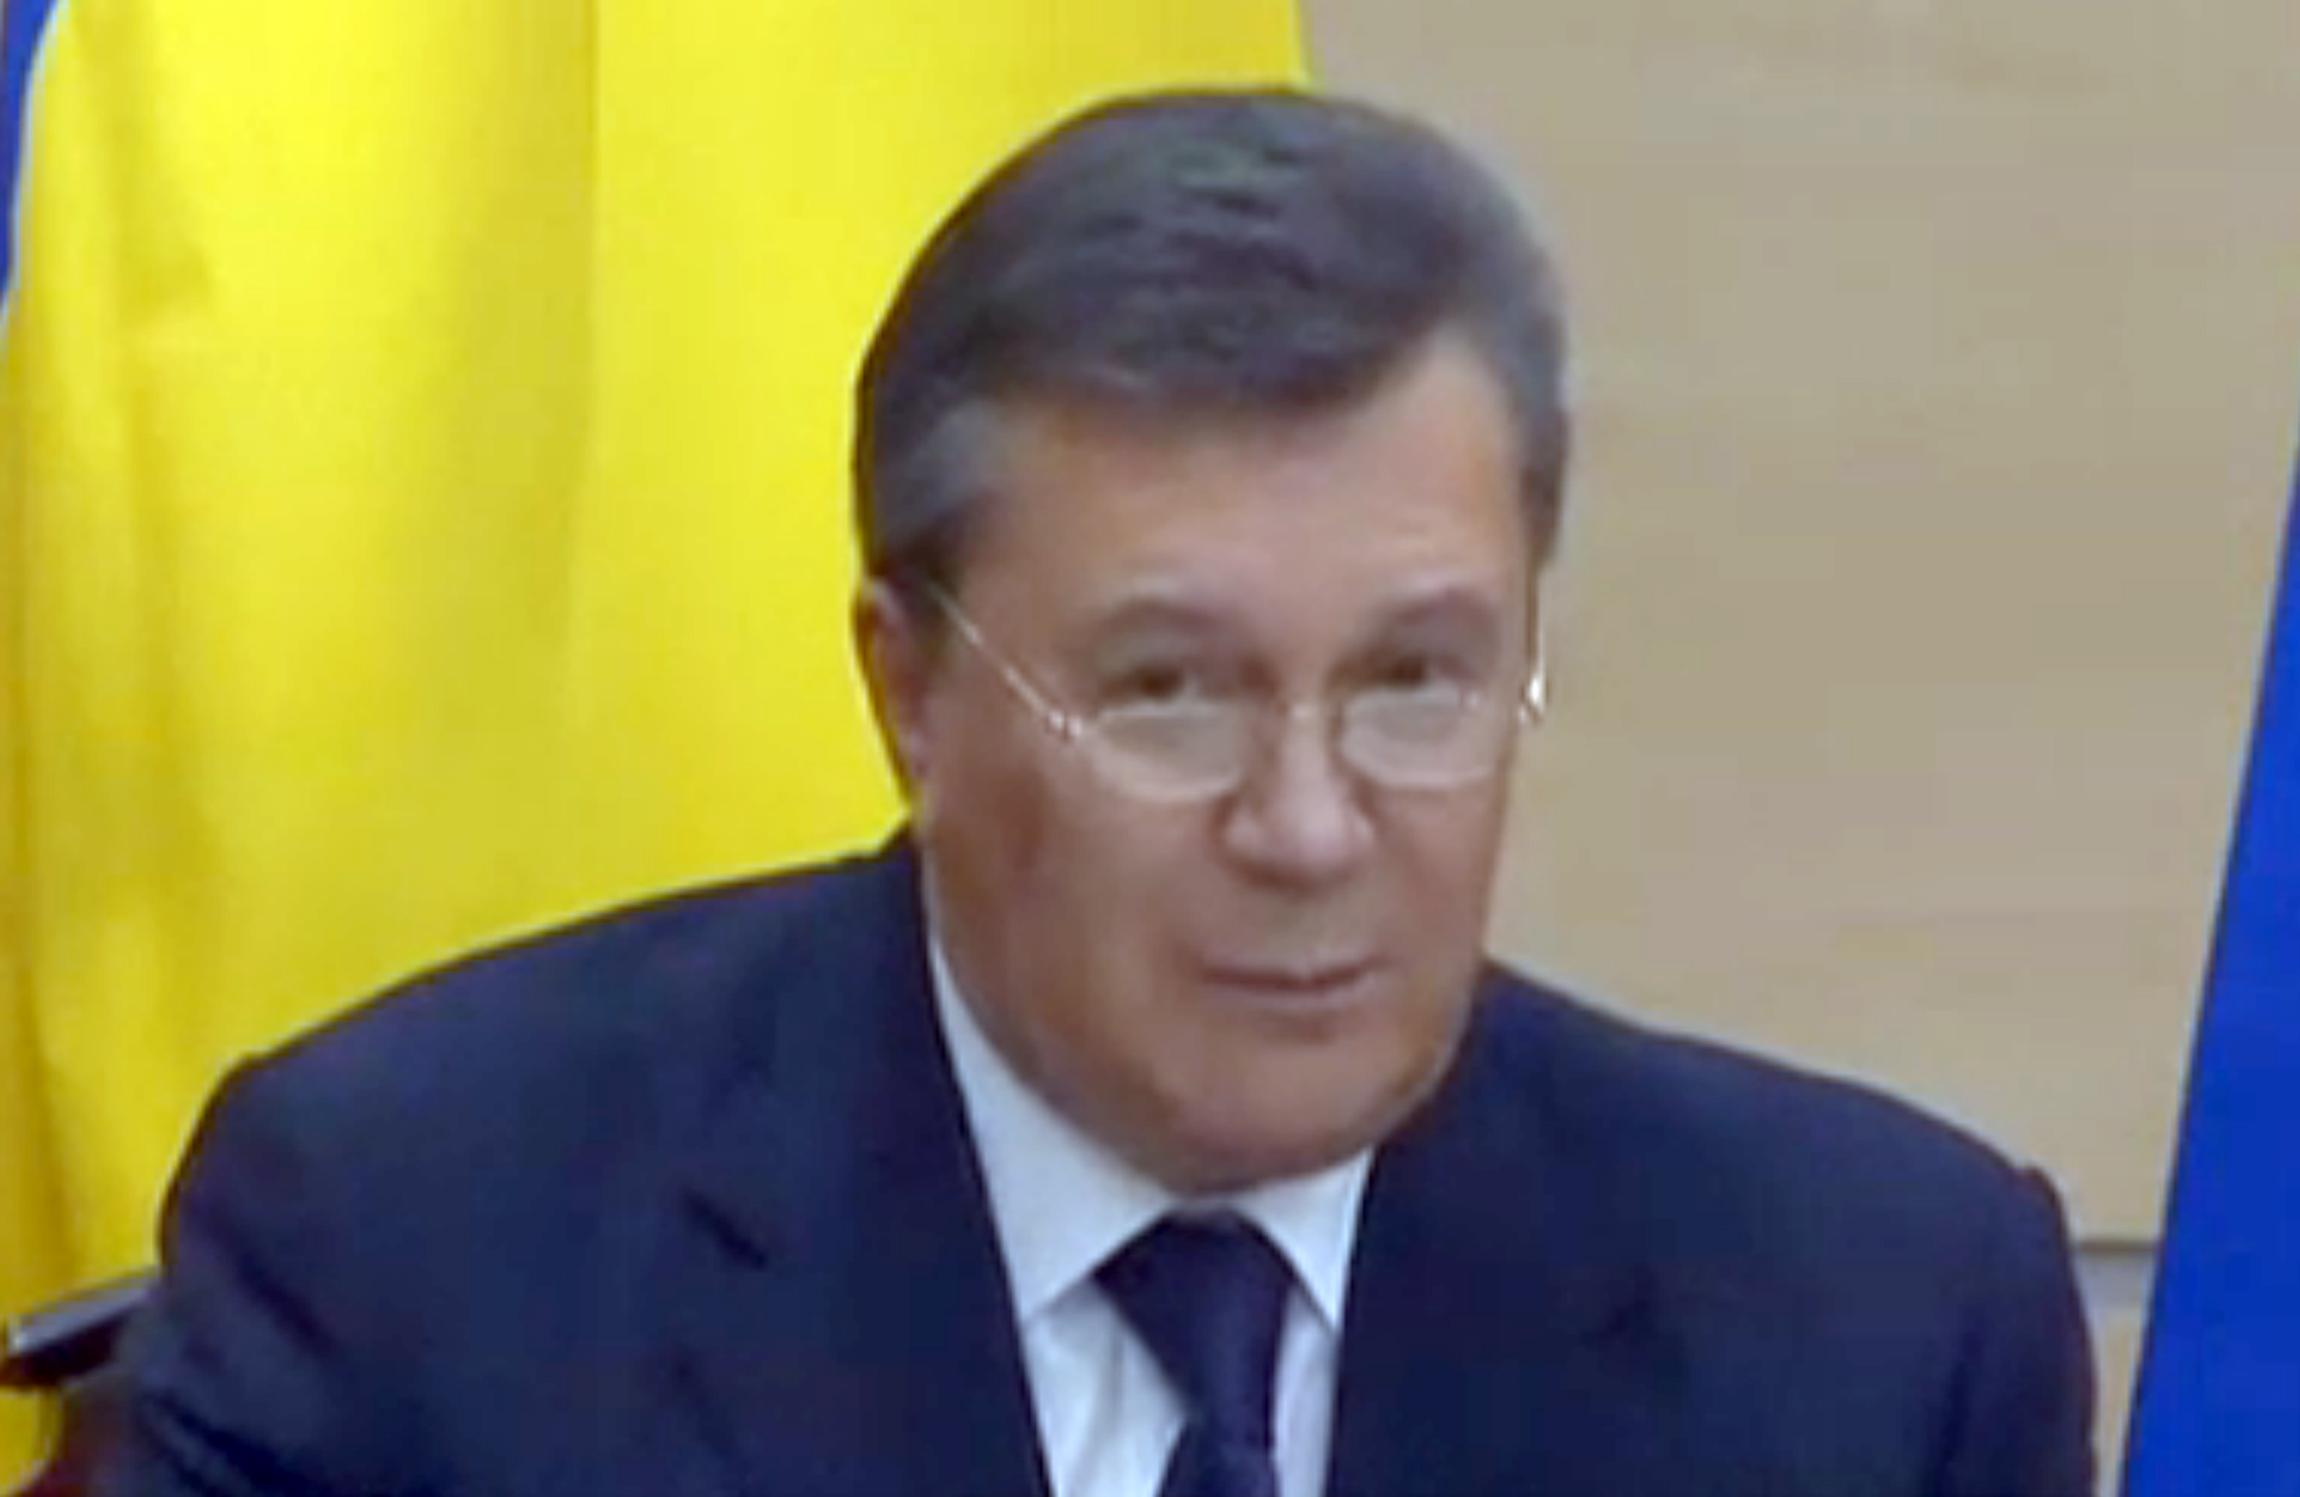 Viktor Yanukowitsch: Ich bin der ukrainische Präsident!